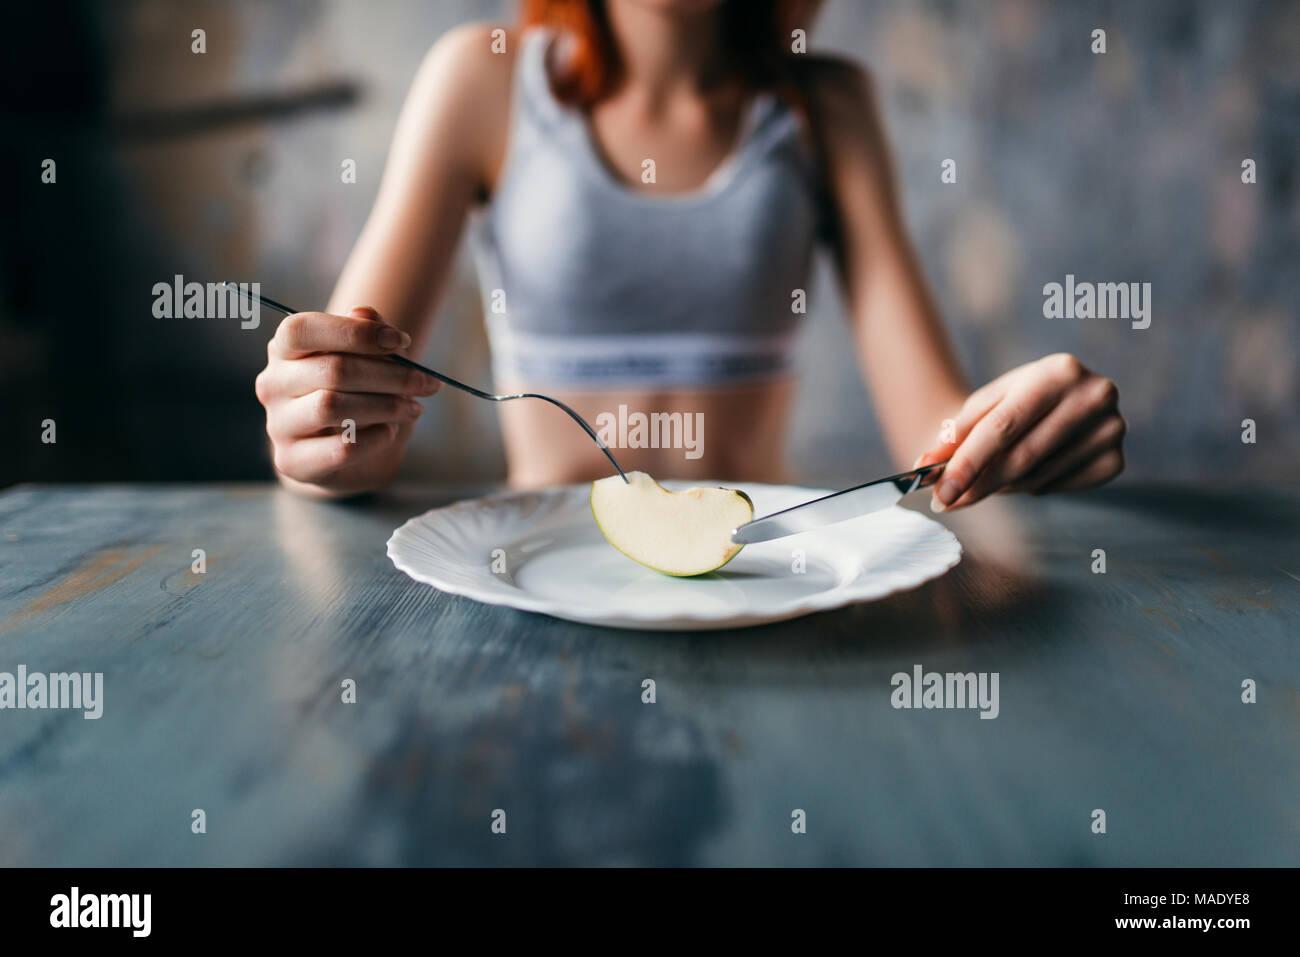 Personne de sexe féminin contre la plaque avec une tranche d'apple Photo Stock